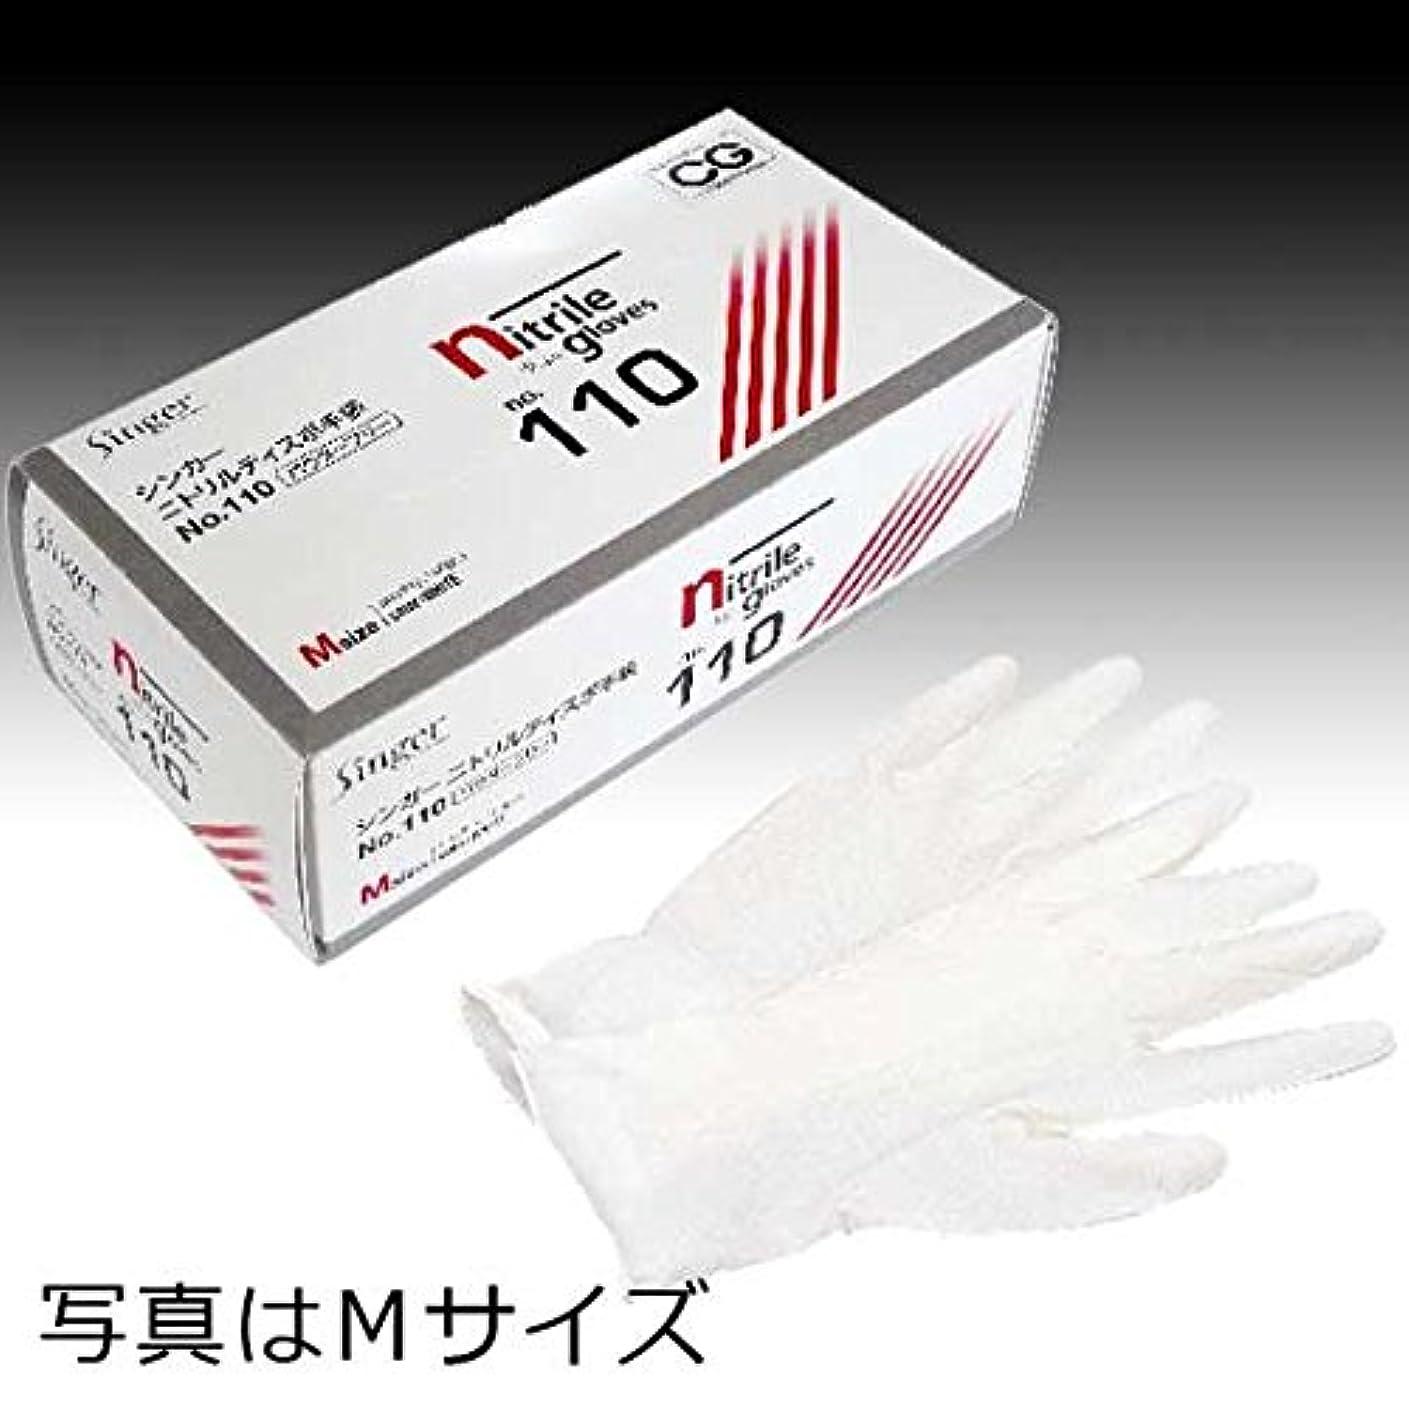 スペシャリスト容疑者疑問に思うシンガーニトリルディスポ No.100 使い捨て手袋 粉つき2000枚 (100枚入り×20箱) (L)